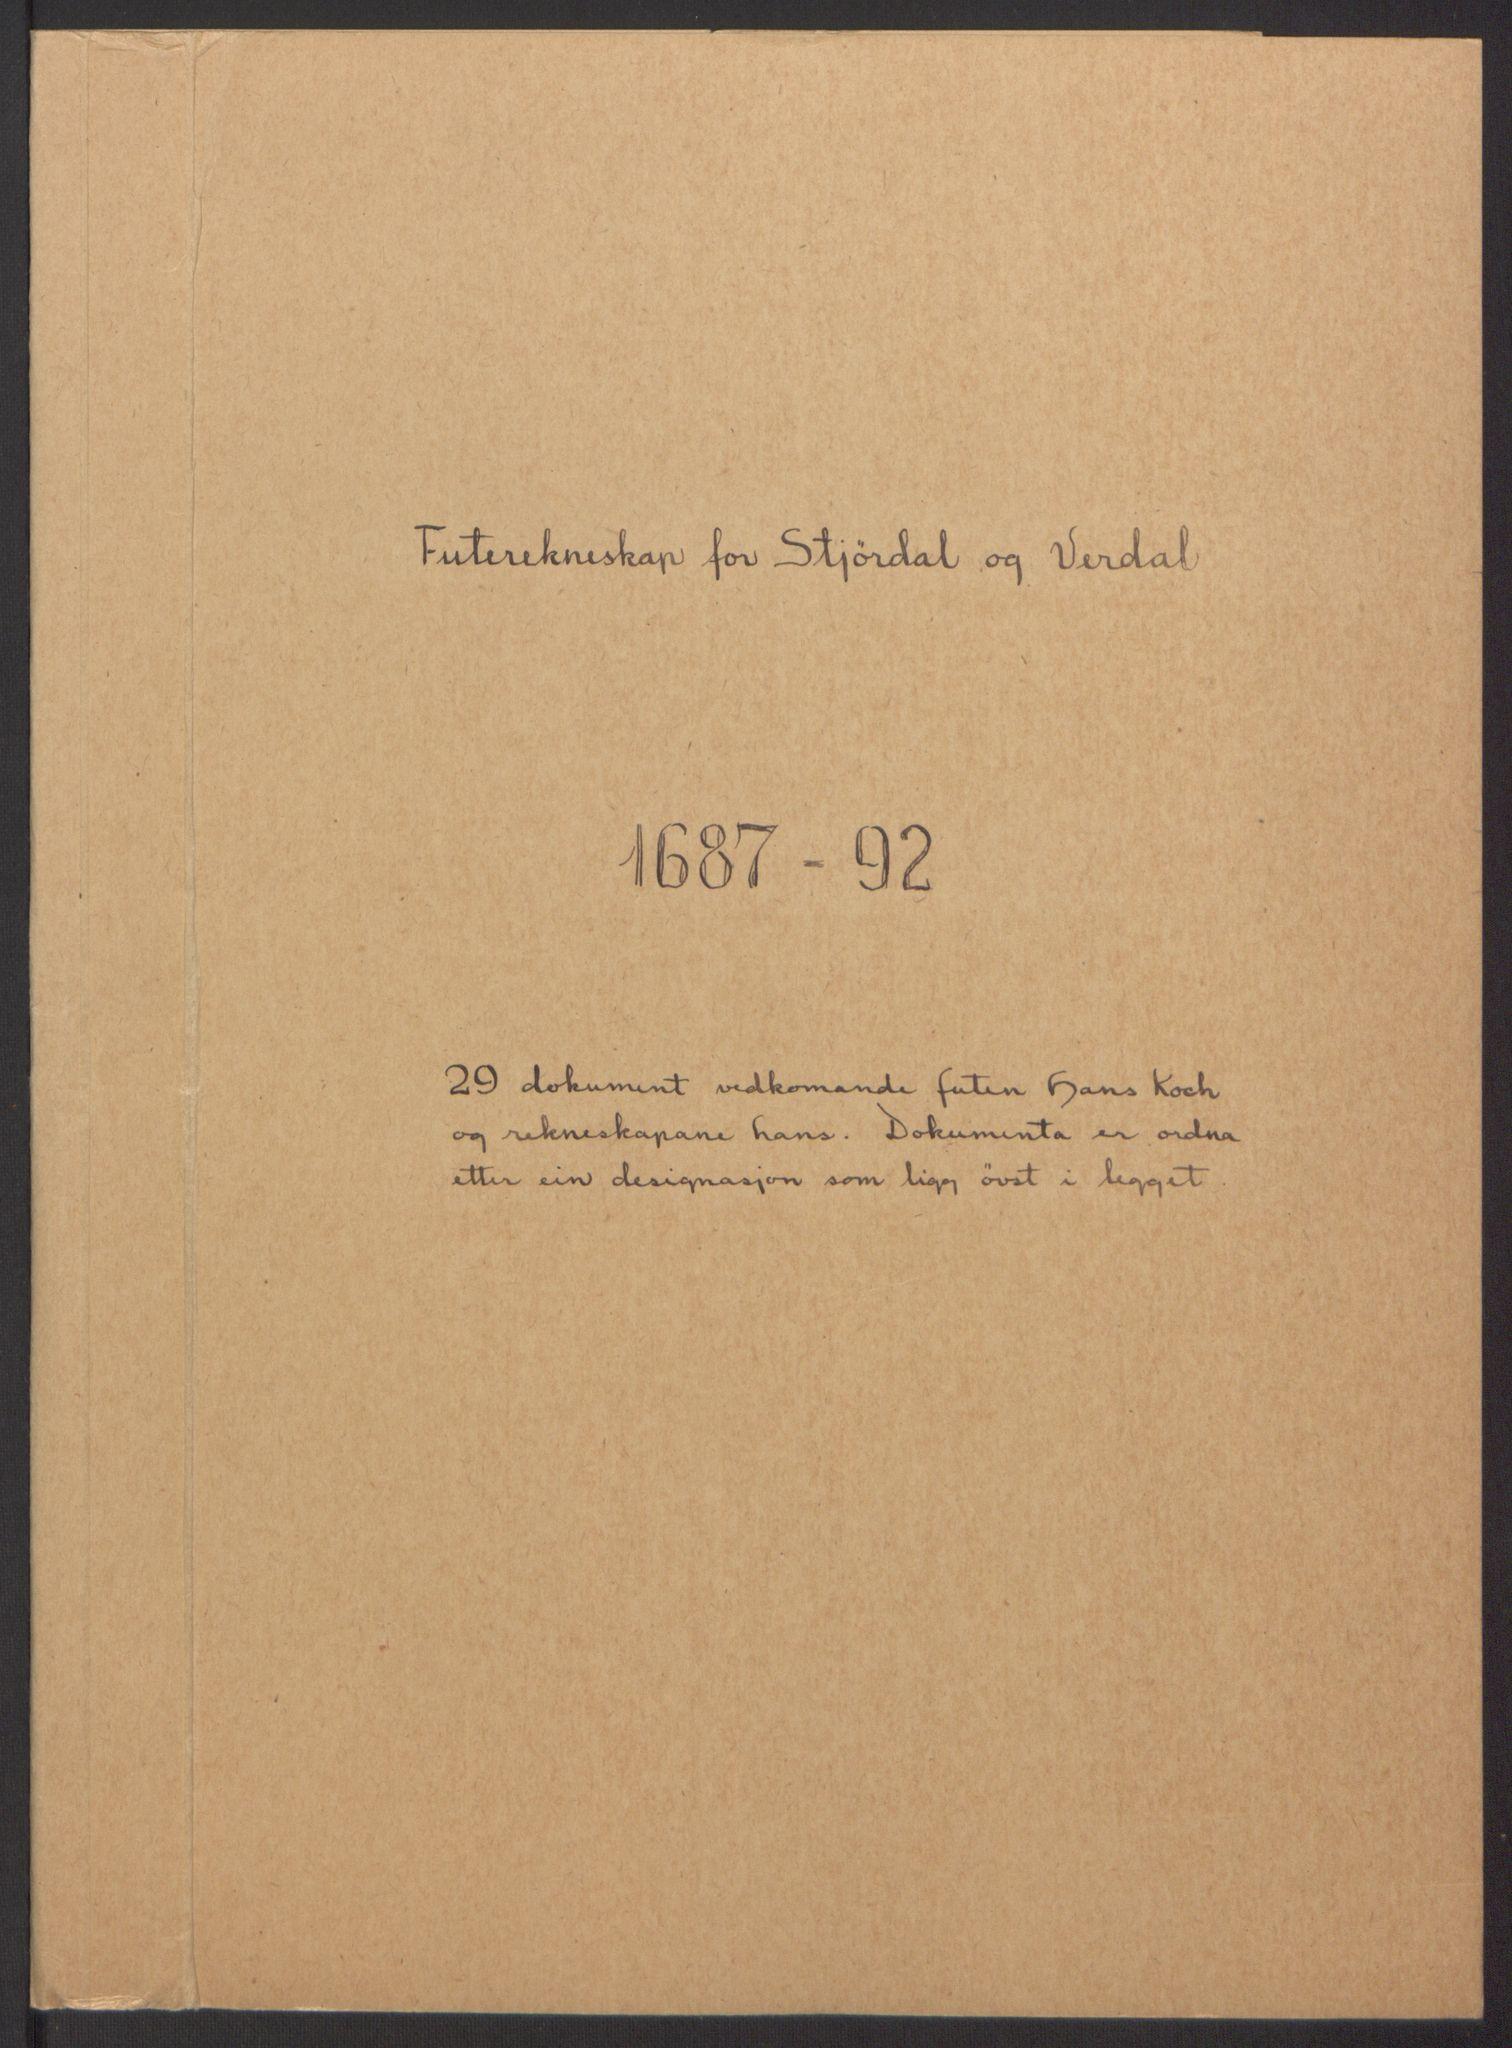 RA, Rentekammeret inntil 1814, Reviderte regnskaper, Fogderegnskap, R62/L4185: Fogderegnskap Stjørdal og Verdal, 1692, s. 341